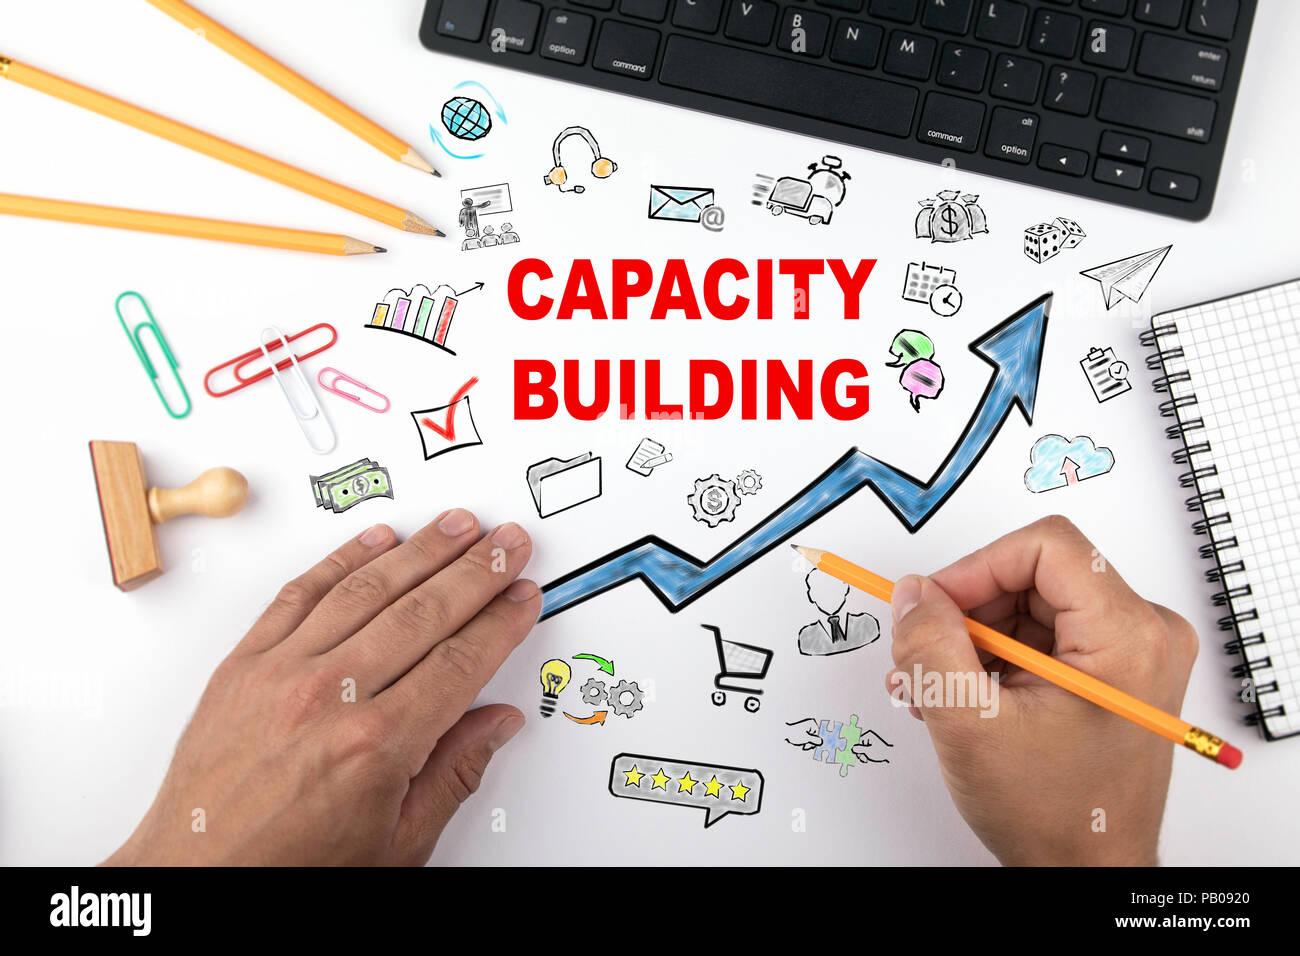 Capacity Building Konzept. Blauer Pfeil und Symbole rund um. Hände auf Schreibtisch Tun des Geschäfts Stockbild